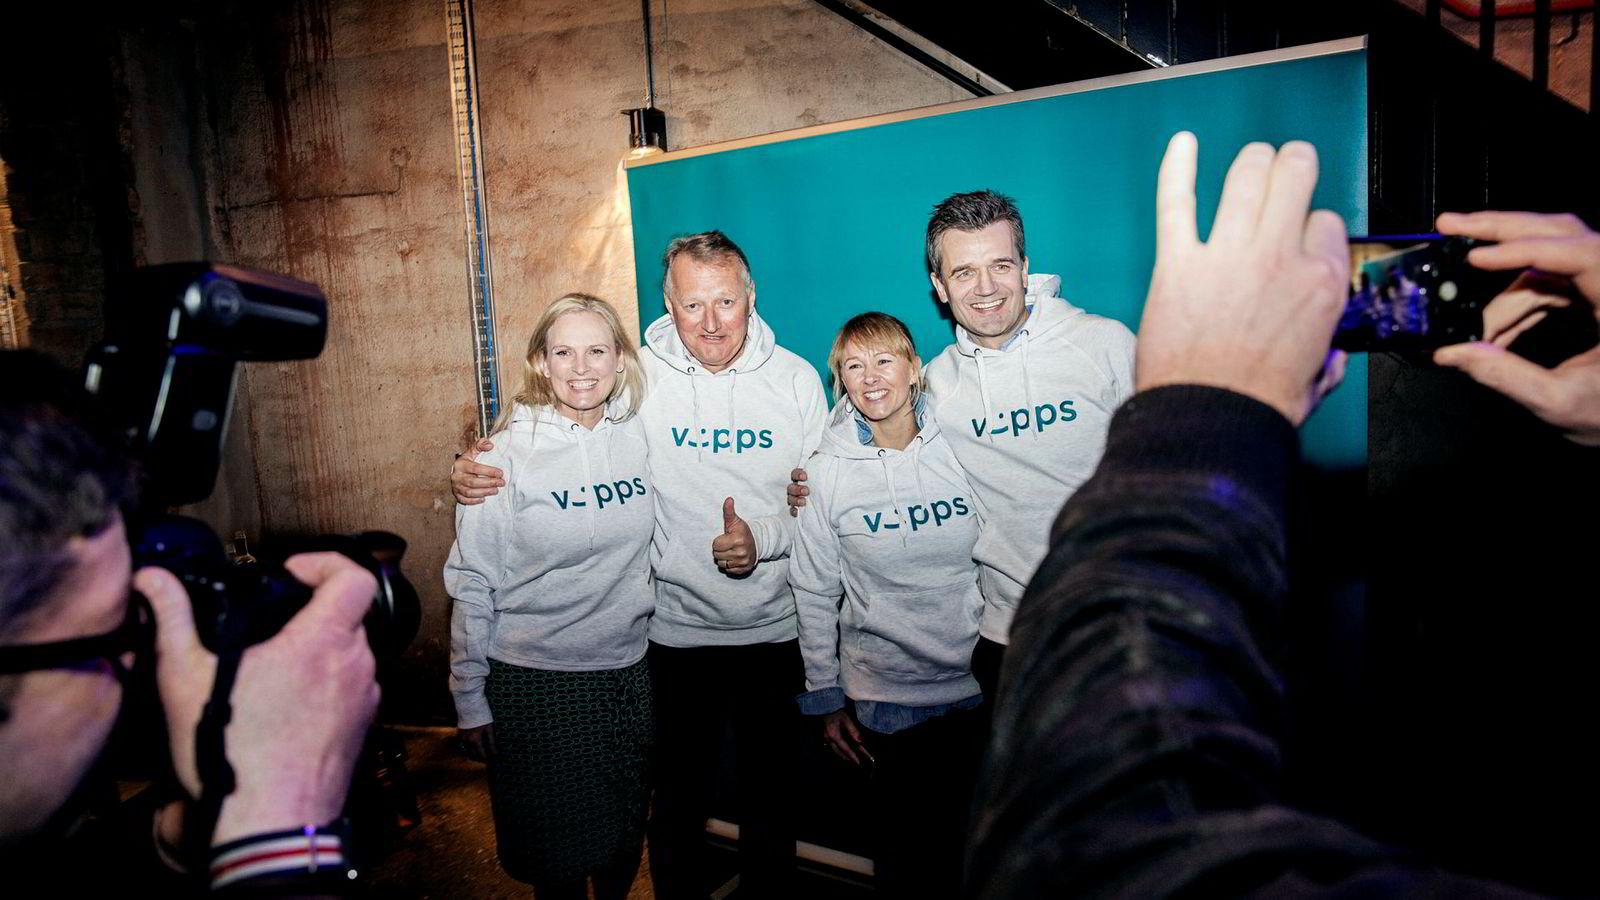 Vipps er et glimrende eksempel på hvordan finansaktører sammen kan skape fremtidens produkter, skriver kronikkforfatteren. Fra venstre: Hege Toft Karlsen, Rune Bjerke, Elisabeth Haug og Rune Garborg.